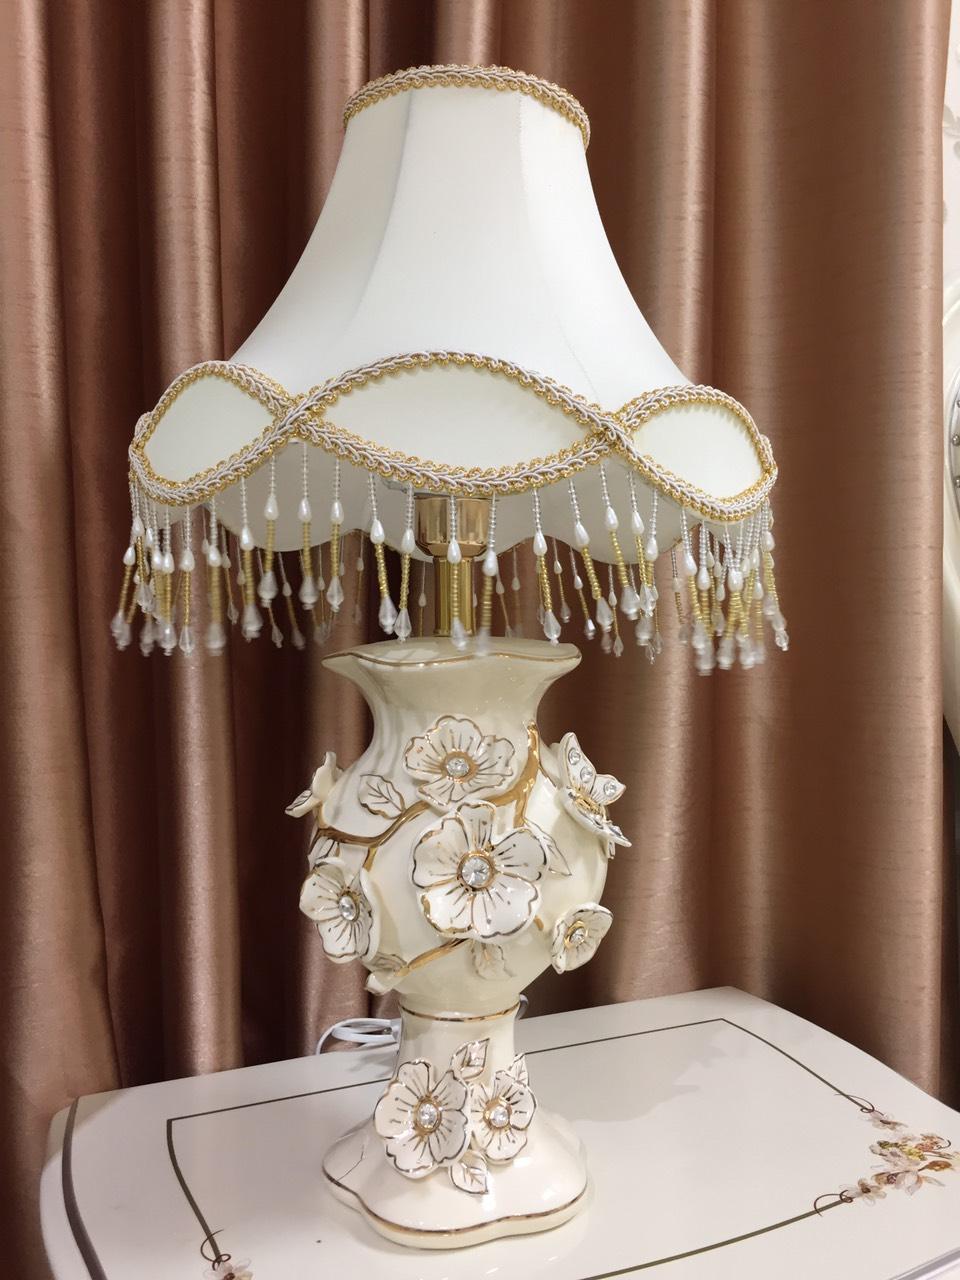 Đèn ngủ - đèn ngủ để bàn - đèn ngủ tân cổ điển - đèn trang trí phòng ngủ - chất liệu sứ - họa tiết hoa mai đắp nổi - đèn ngủ cb21